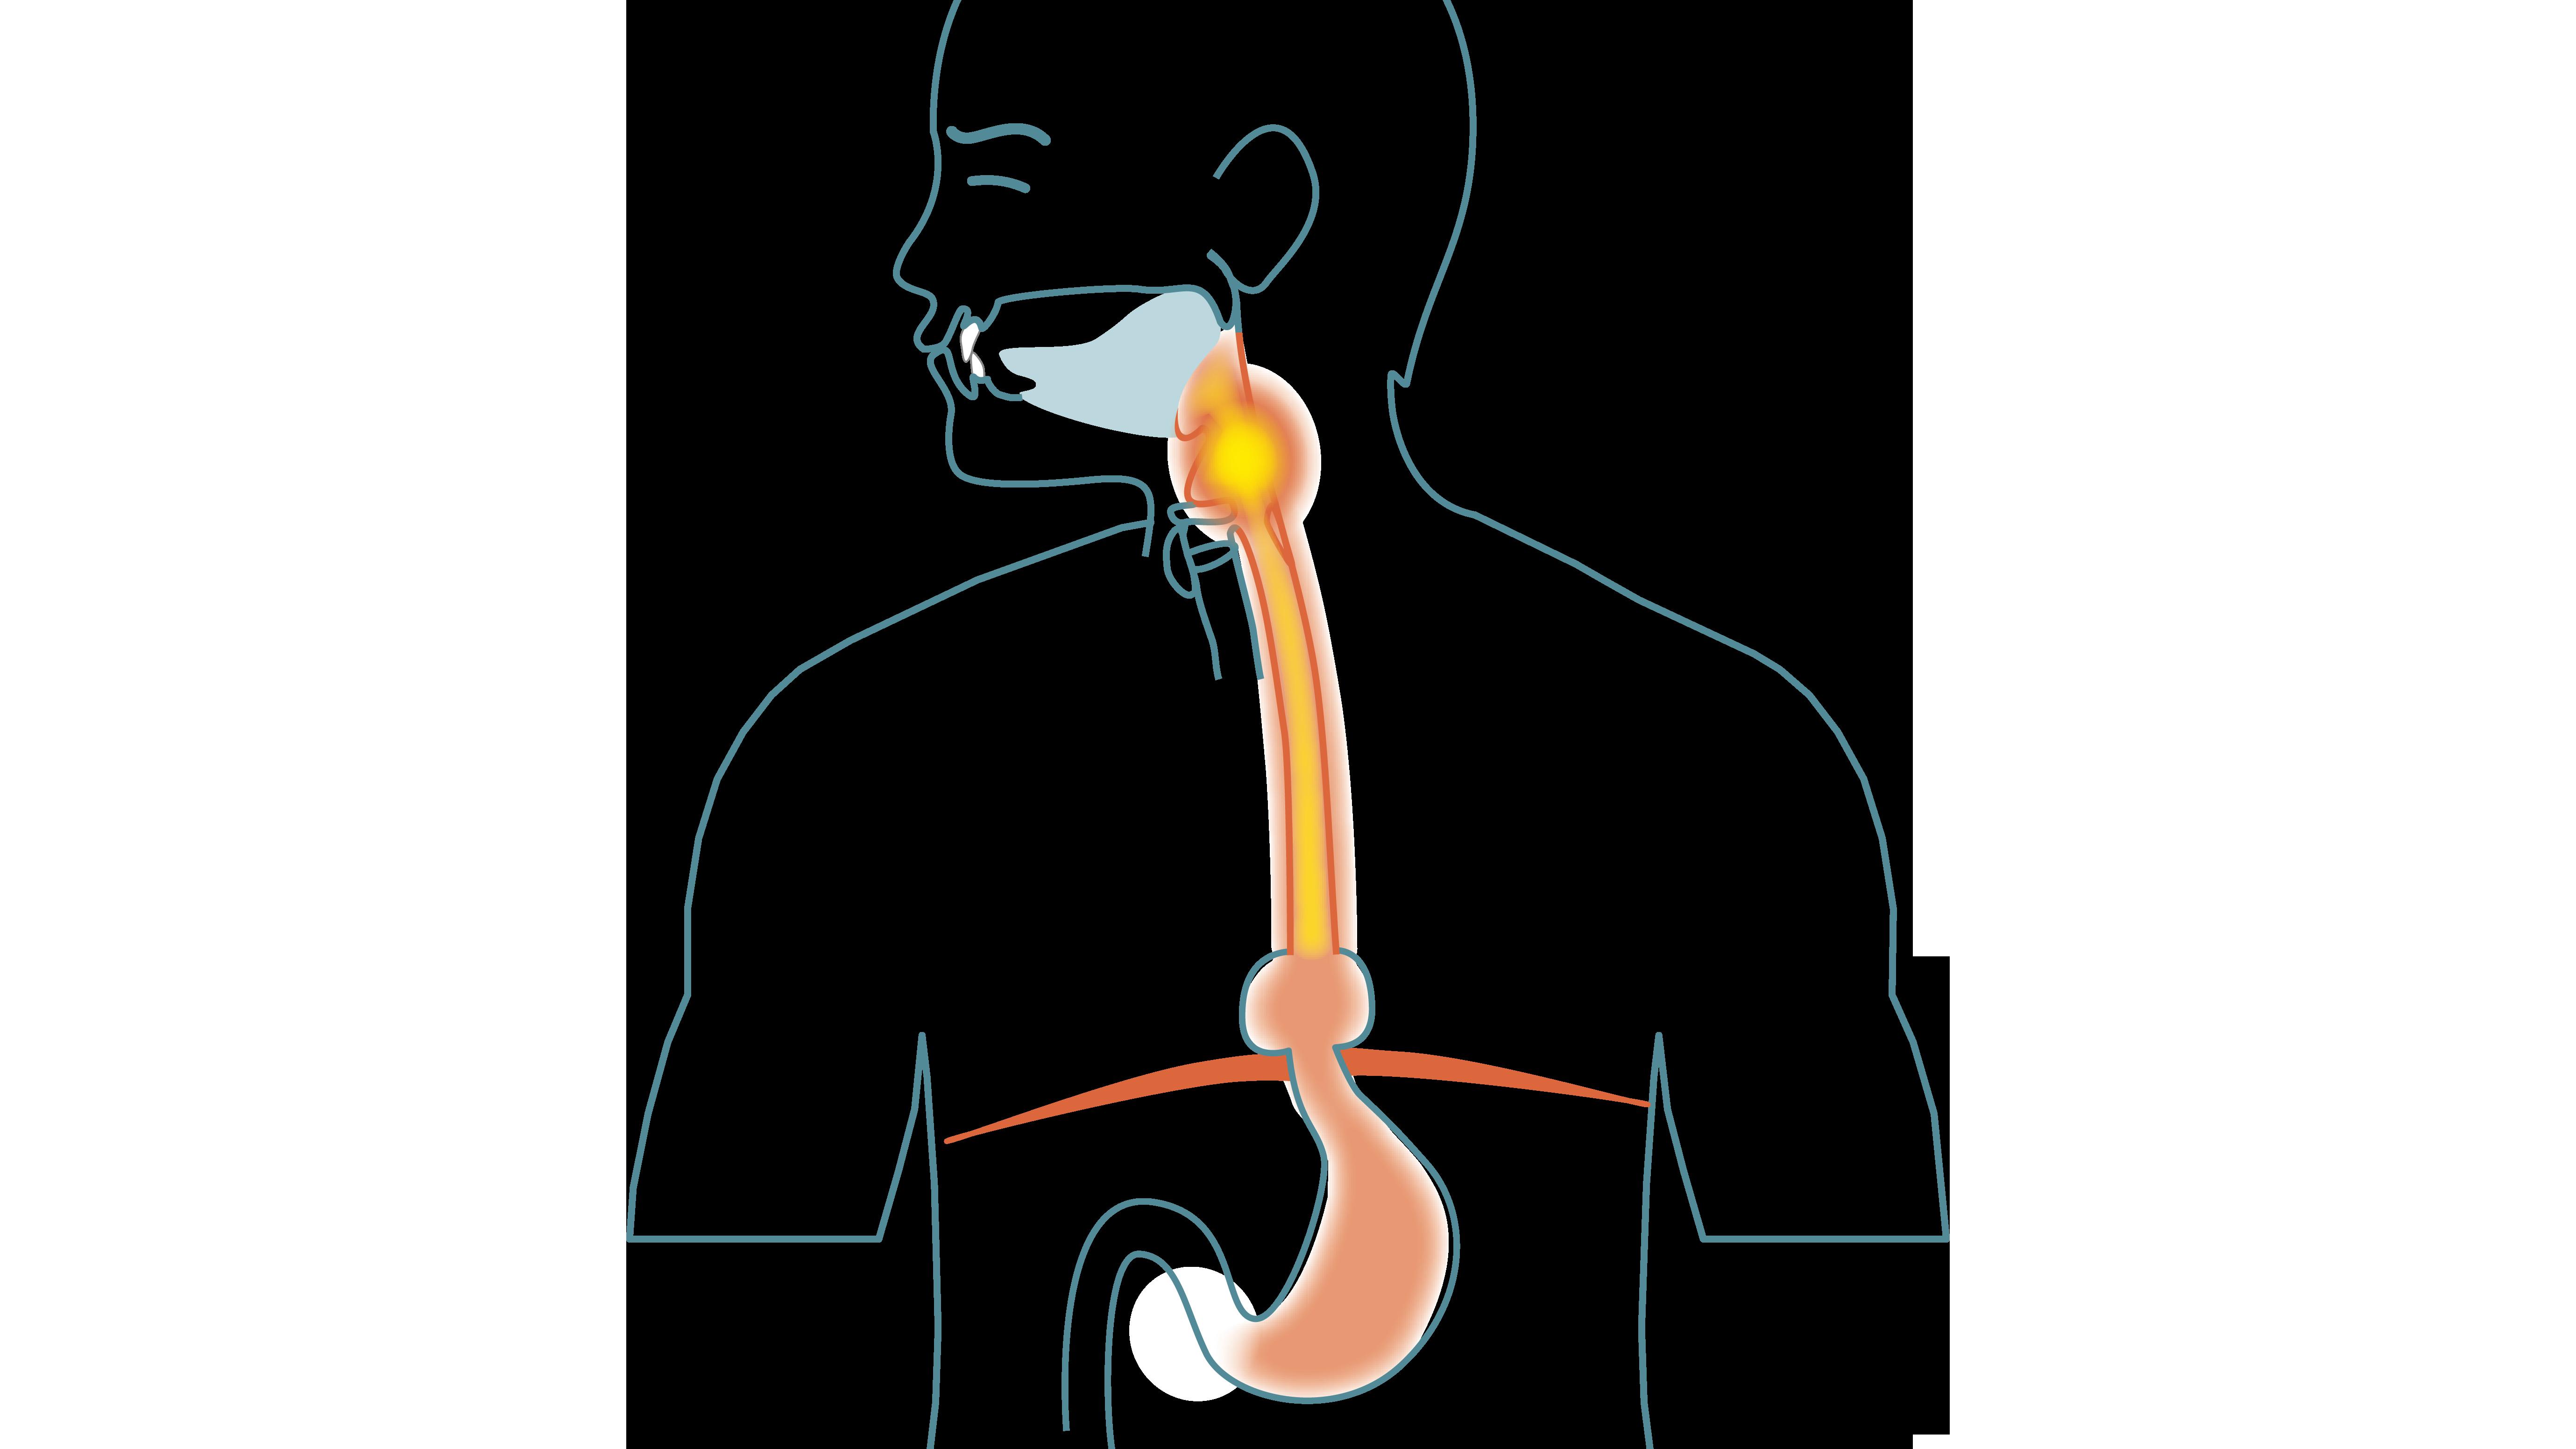 Reflux (Gastroesophageal Reflux Disease, GERD)